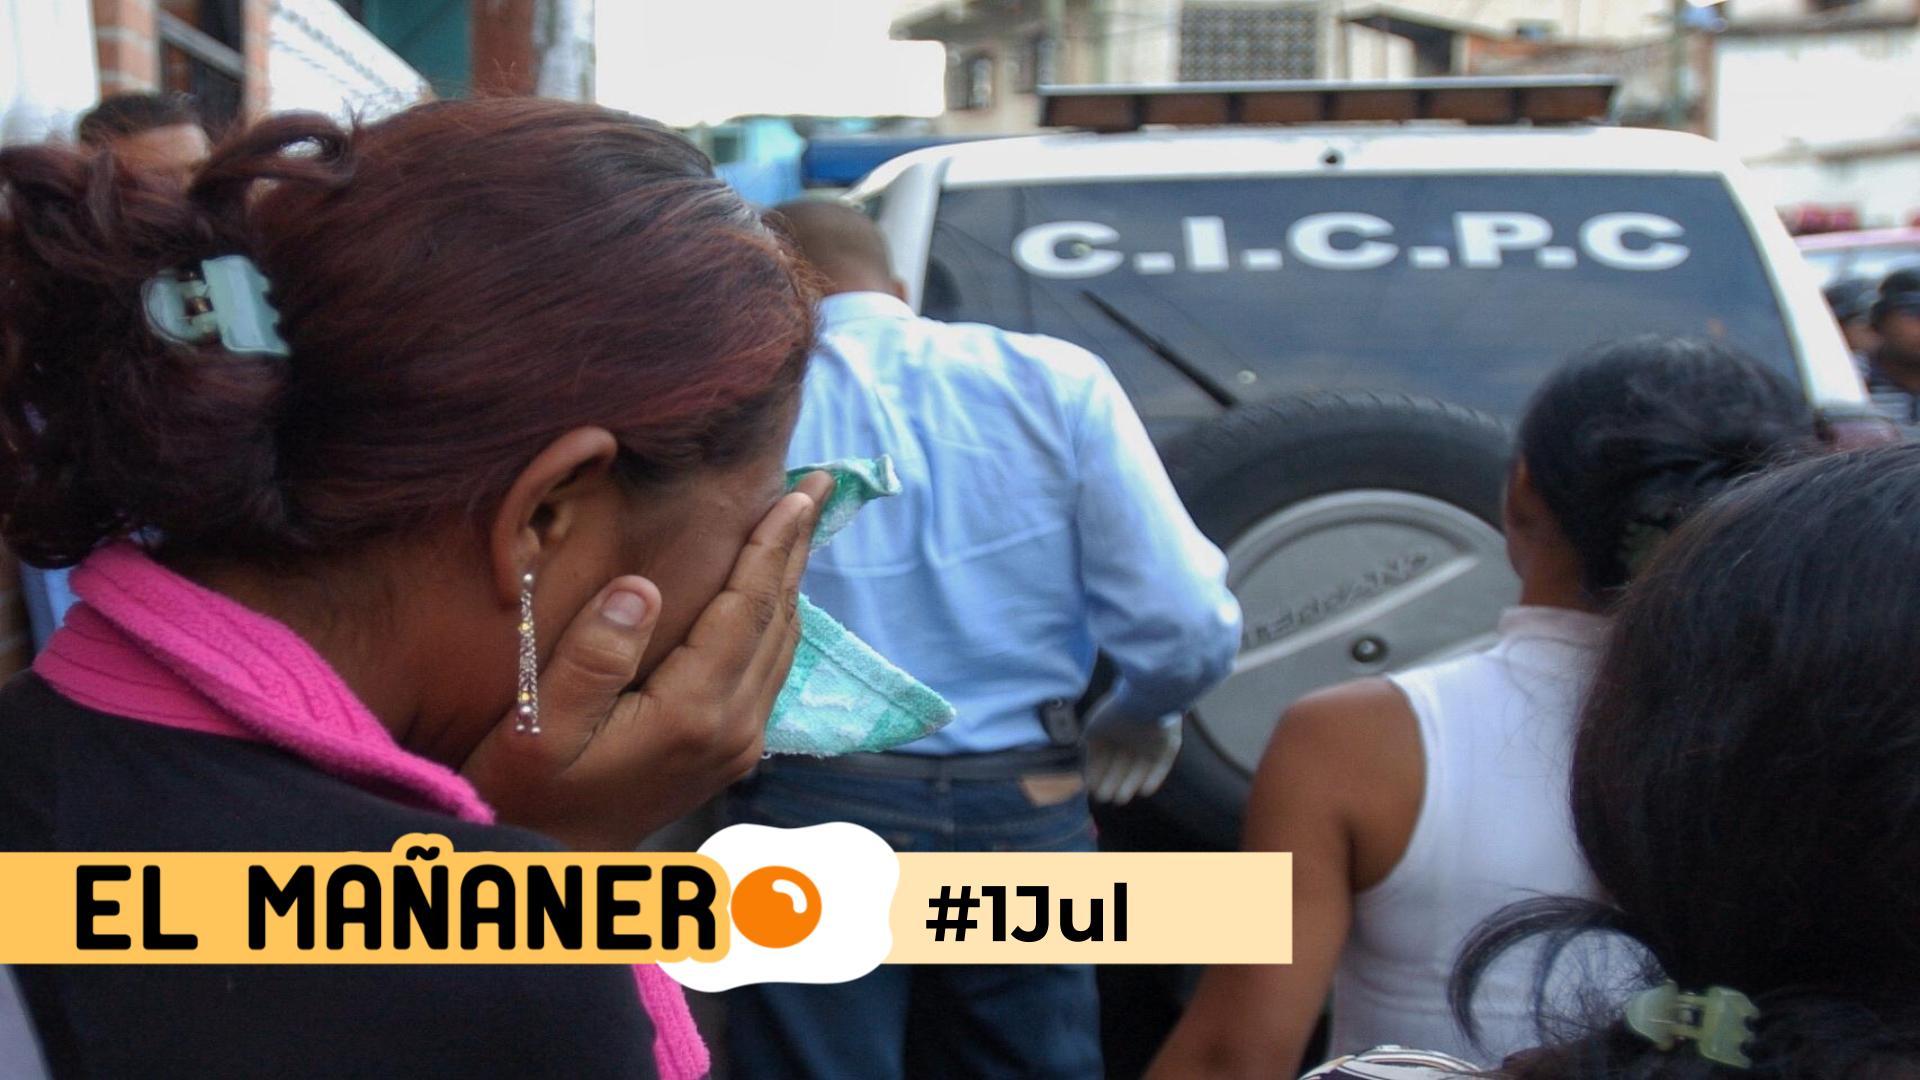 El Mañanero de hoy #1Jul: Las 8 noticias que debes saber